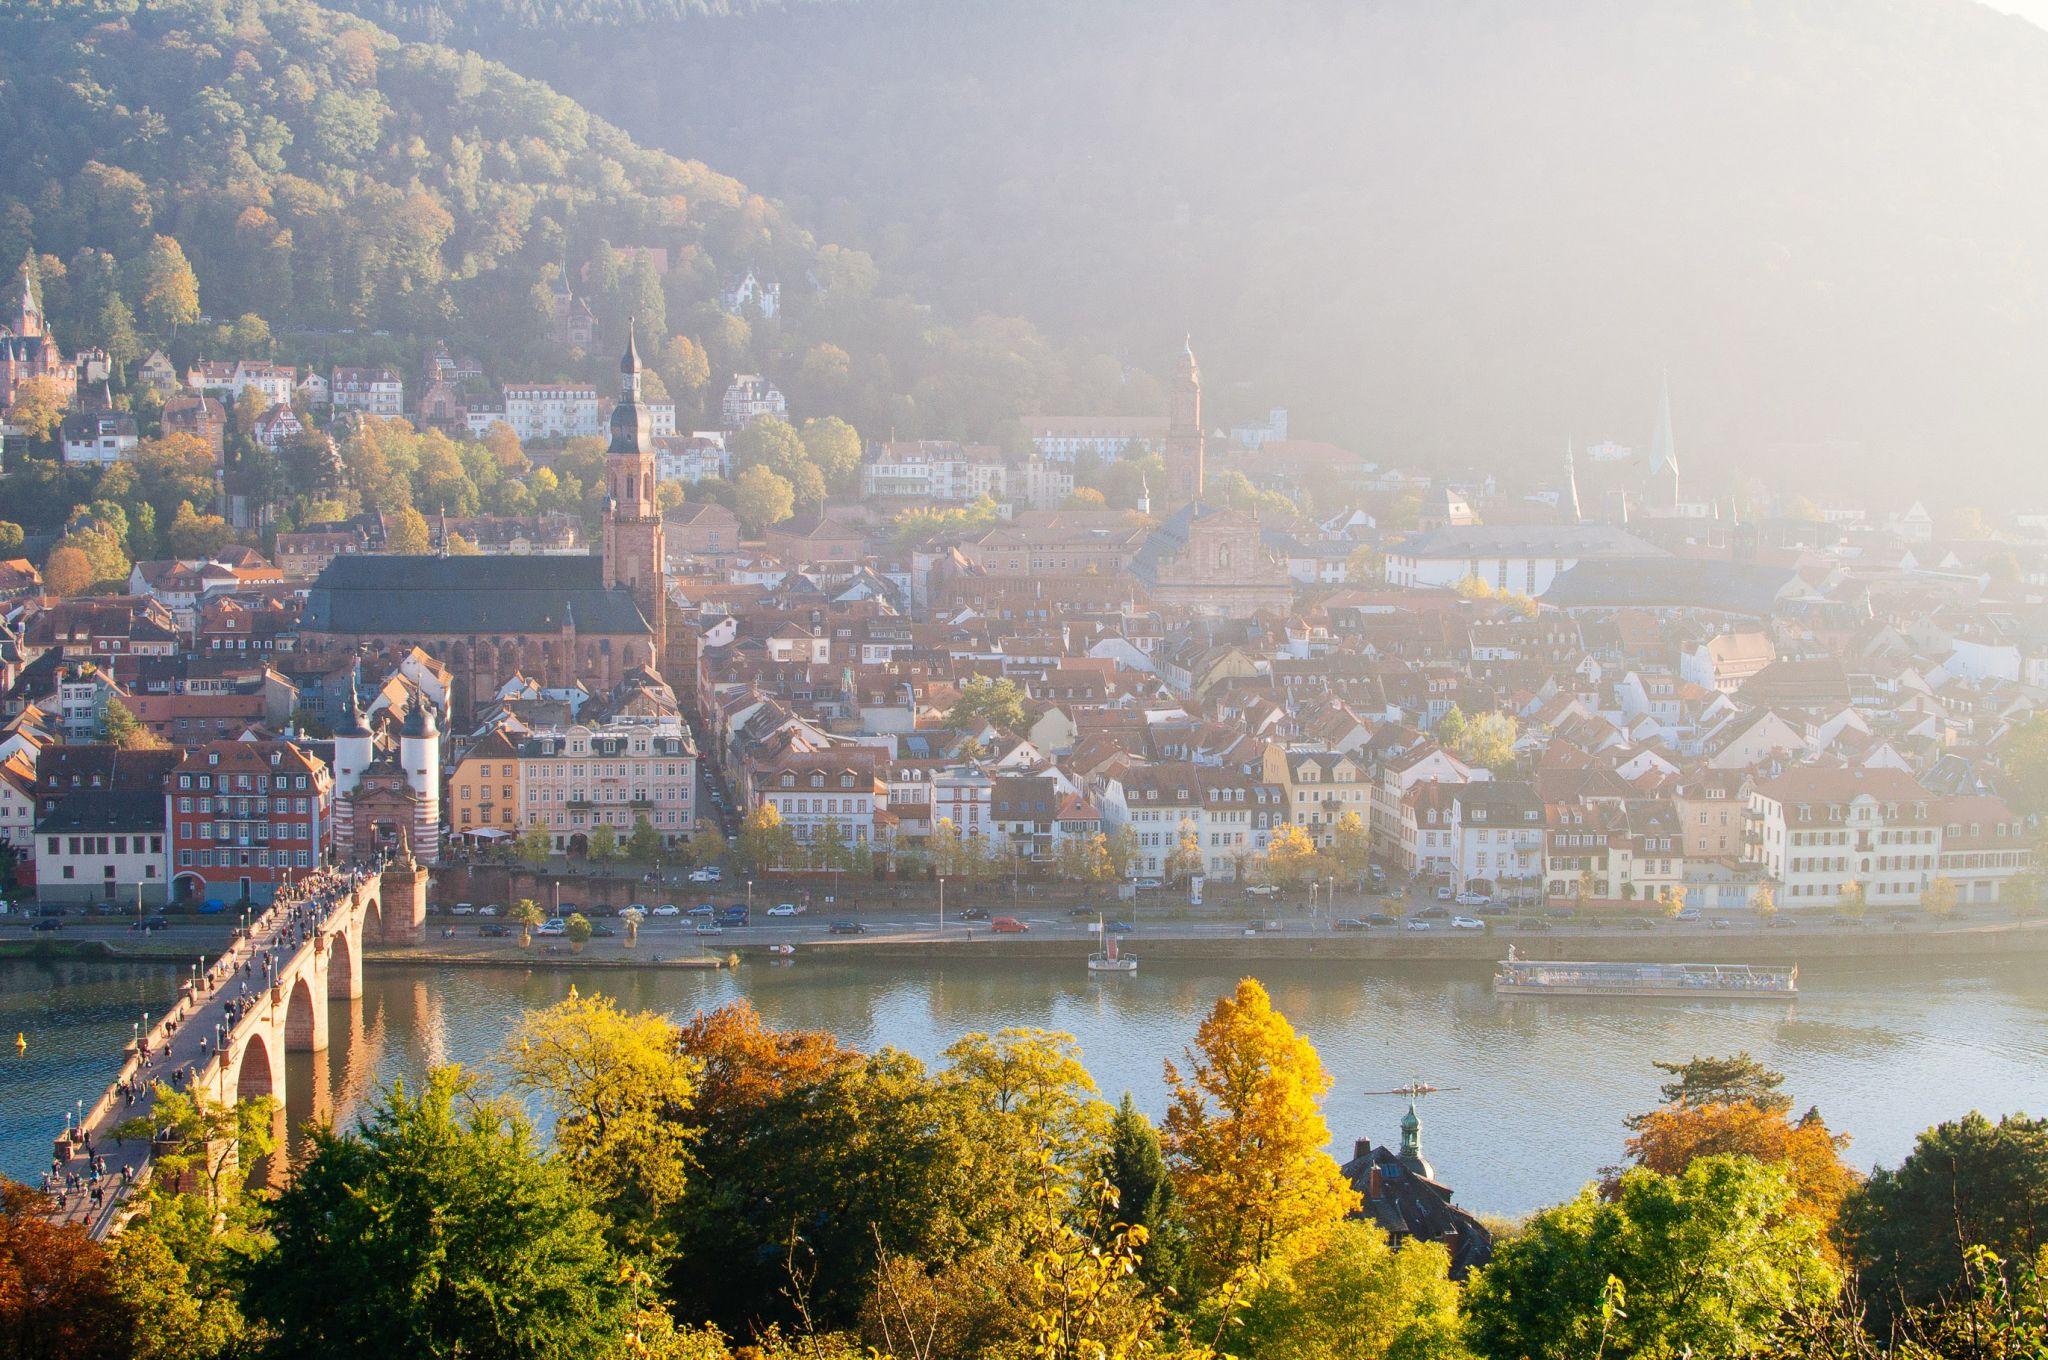 Schlangenweg Heidelberg, Germany